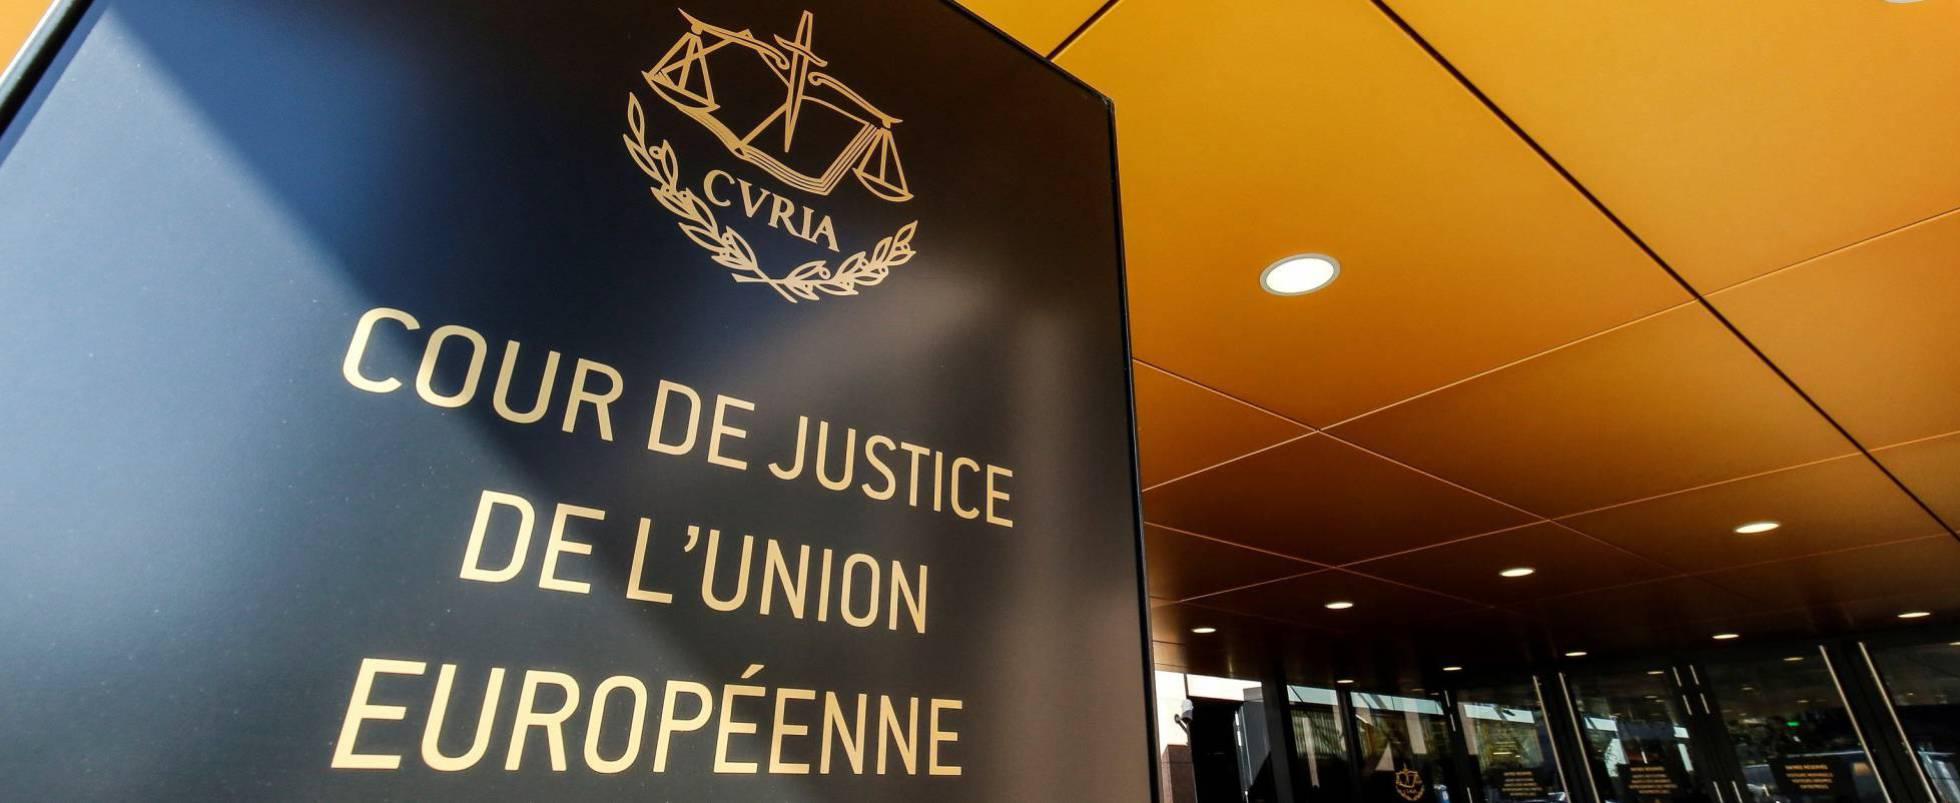 El TJUE permite al cliente bancario litigar por la reescritura de cláusulas abusivas aunque renunciase a ello